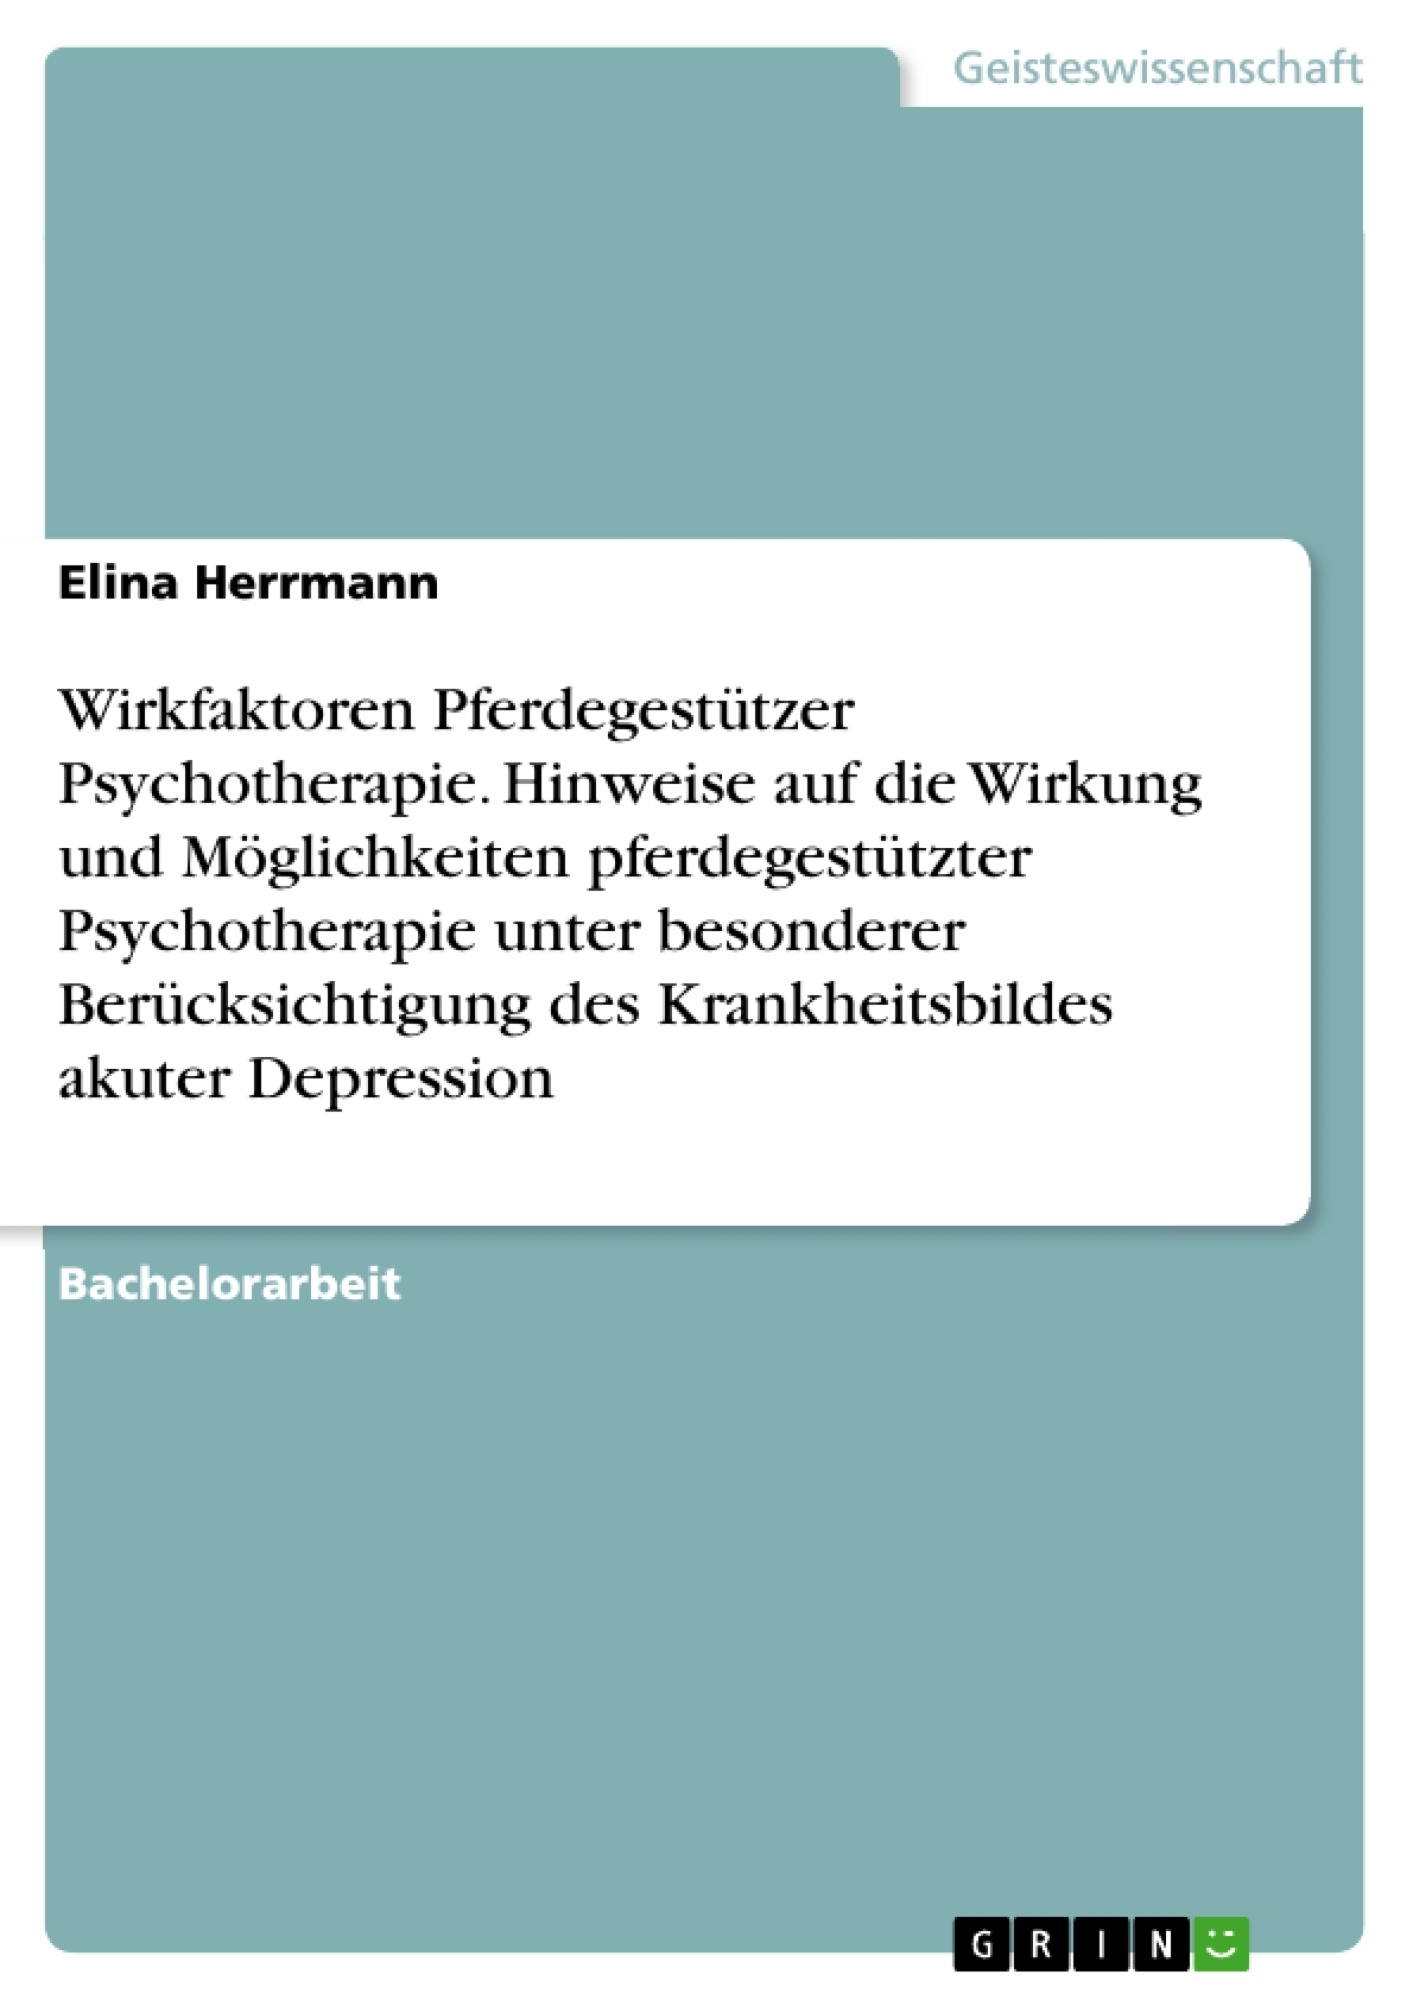 Titel: Wirkfaktoren Pferdegestützer Psychotherapie. Hinweise auf die Wirkung und Möglichkeiten pferdegestützter Psychotherapie unter besonderer Berücksichtigung des Krankheitsbildes akuter Depression